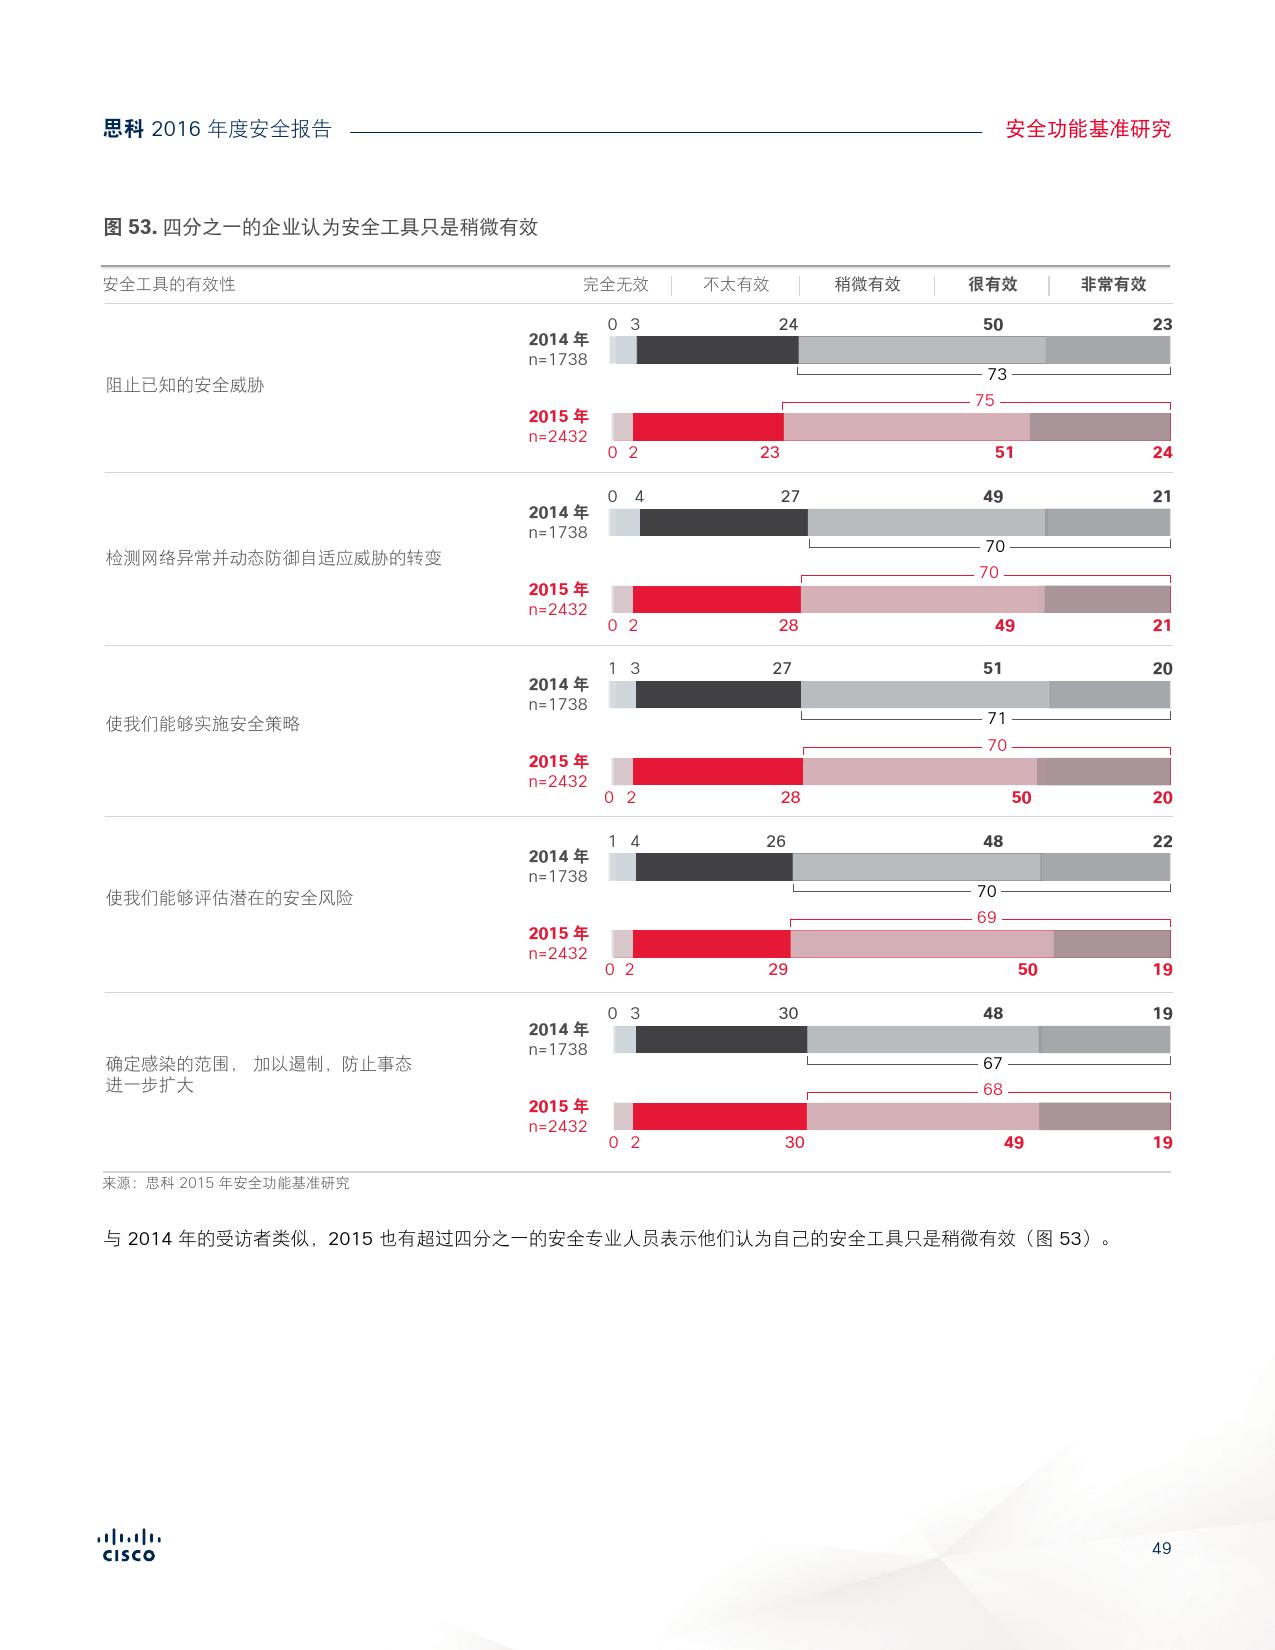 2016年中网络安全报告_000049